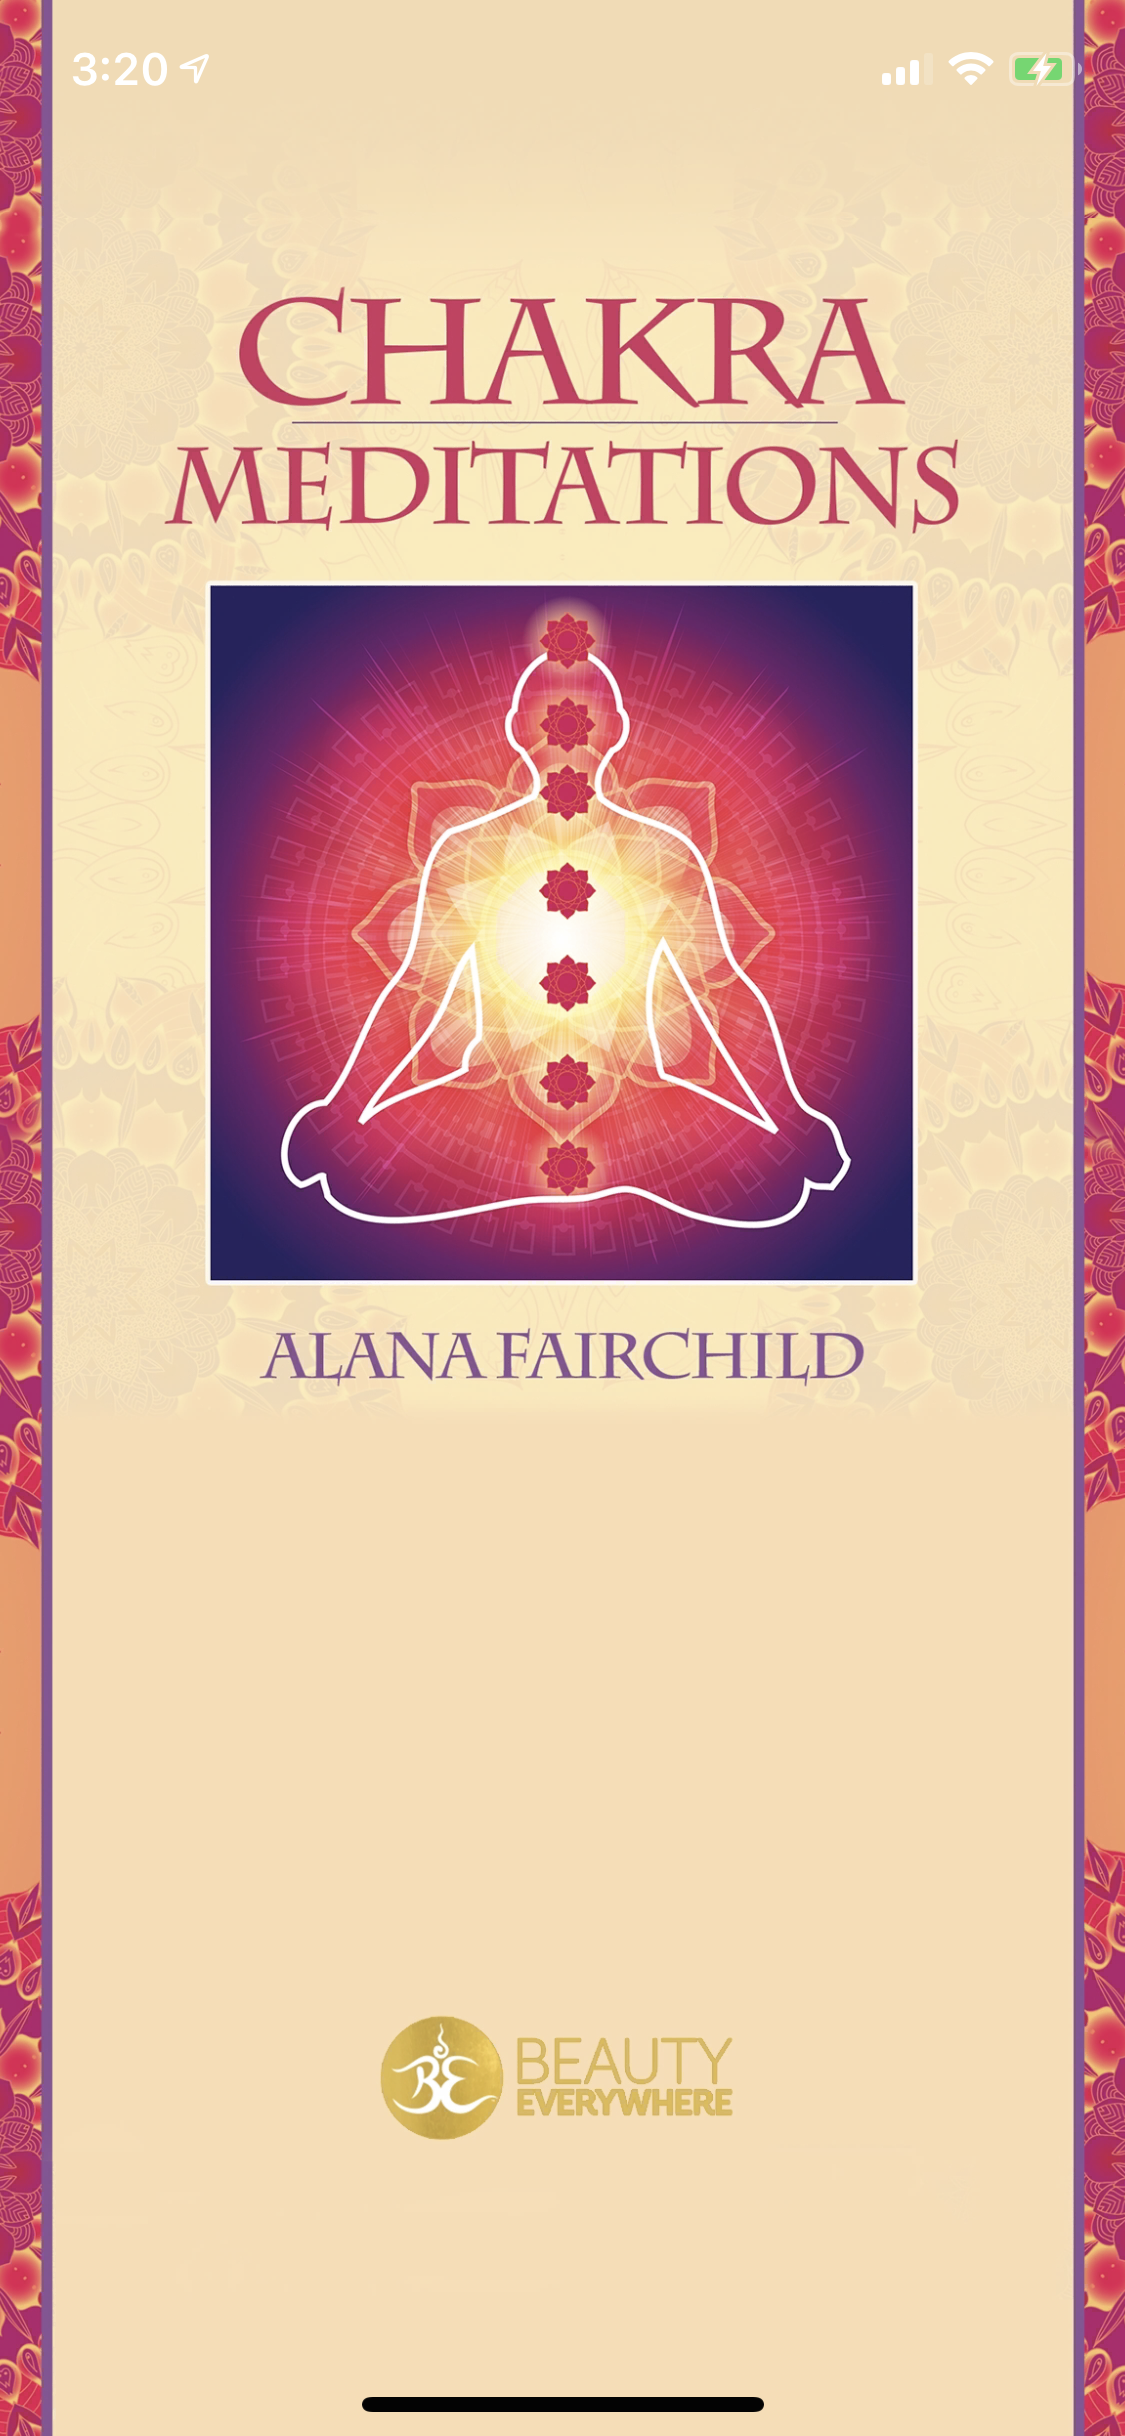 Chakra Meditations with Alana Fairchild